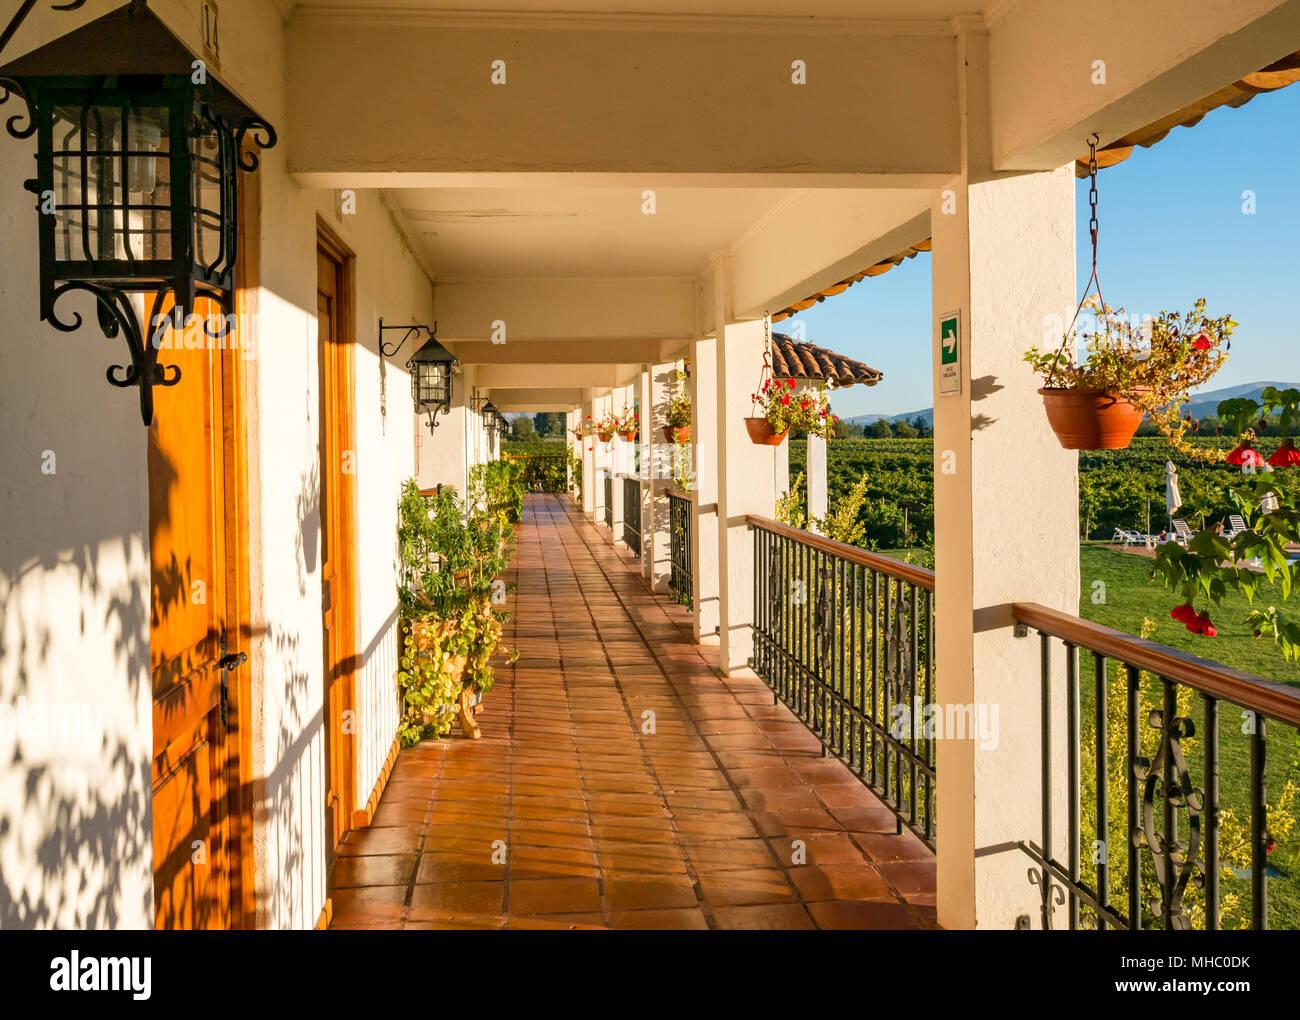 Balkon Terrasse Mit Sonnenbeschienenen Hangen Blumentopfe Hotel